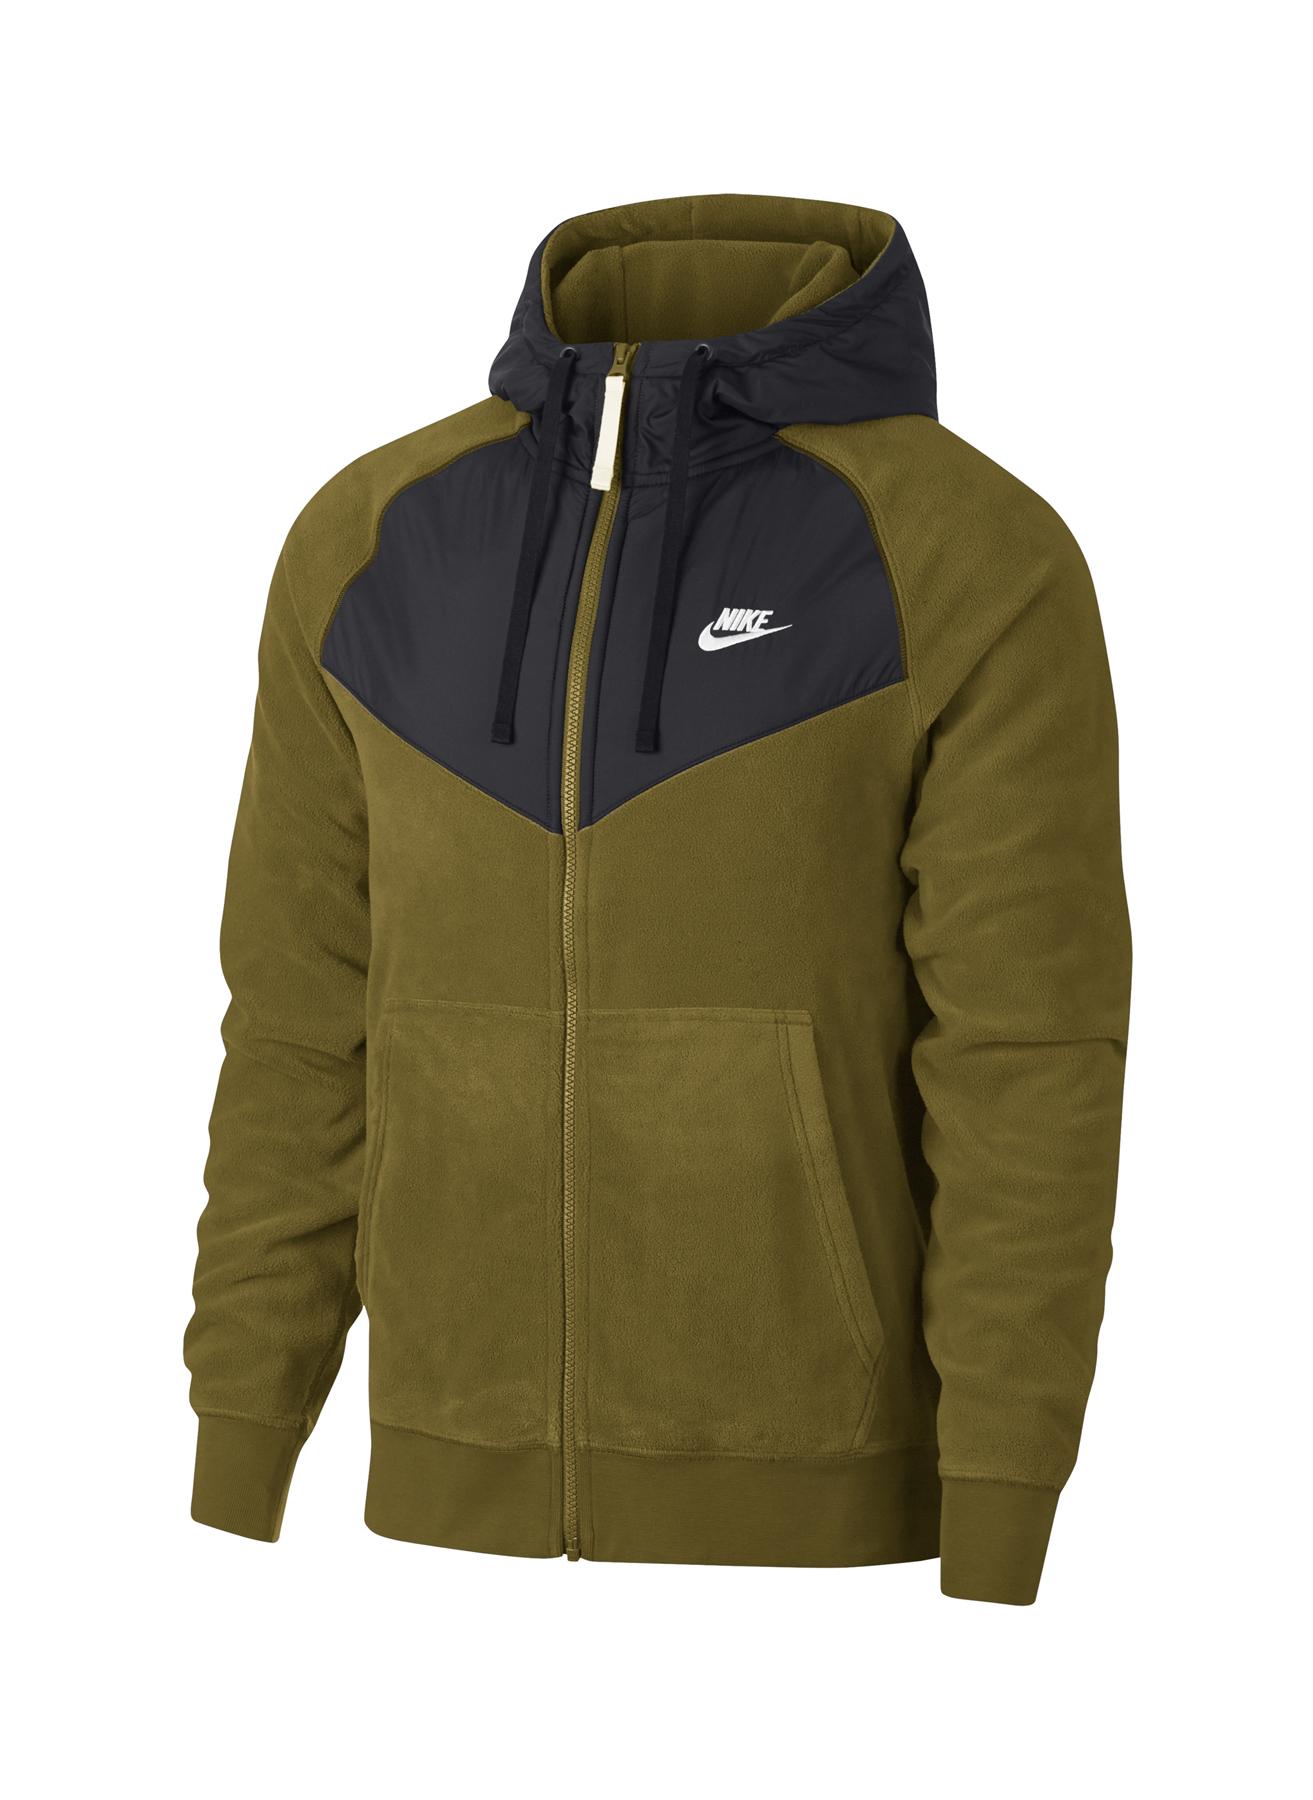 Nike Zip Ceket XL 5002328880004 Ürün Resmi